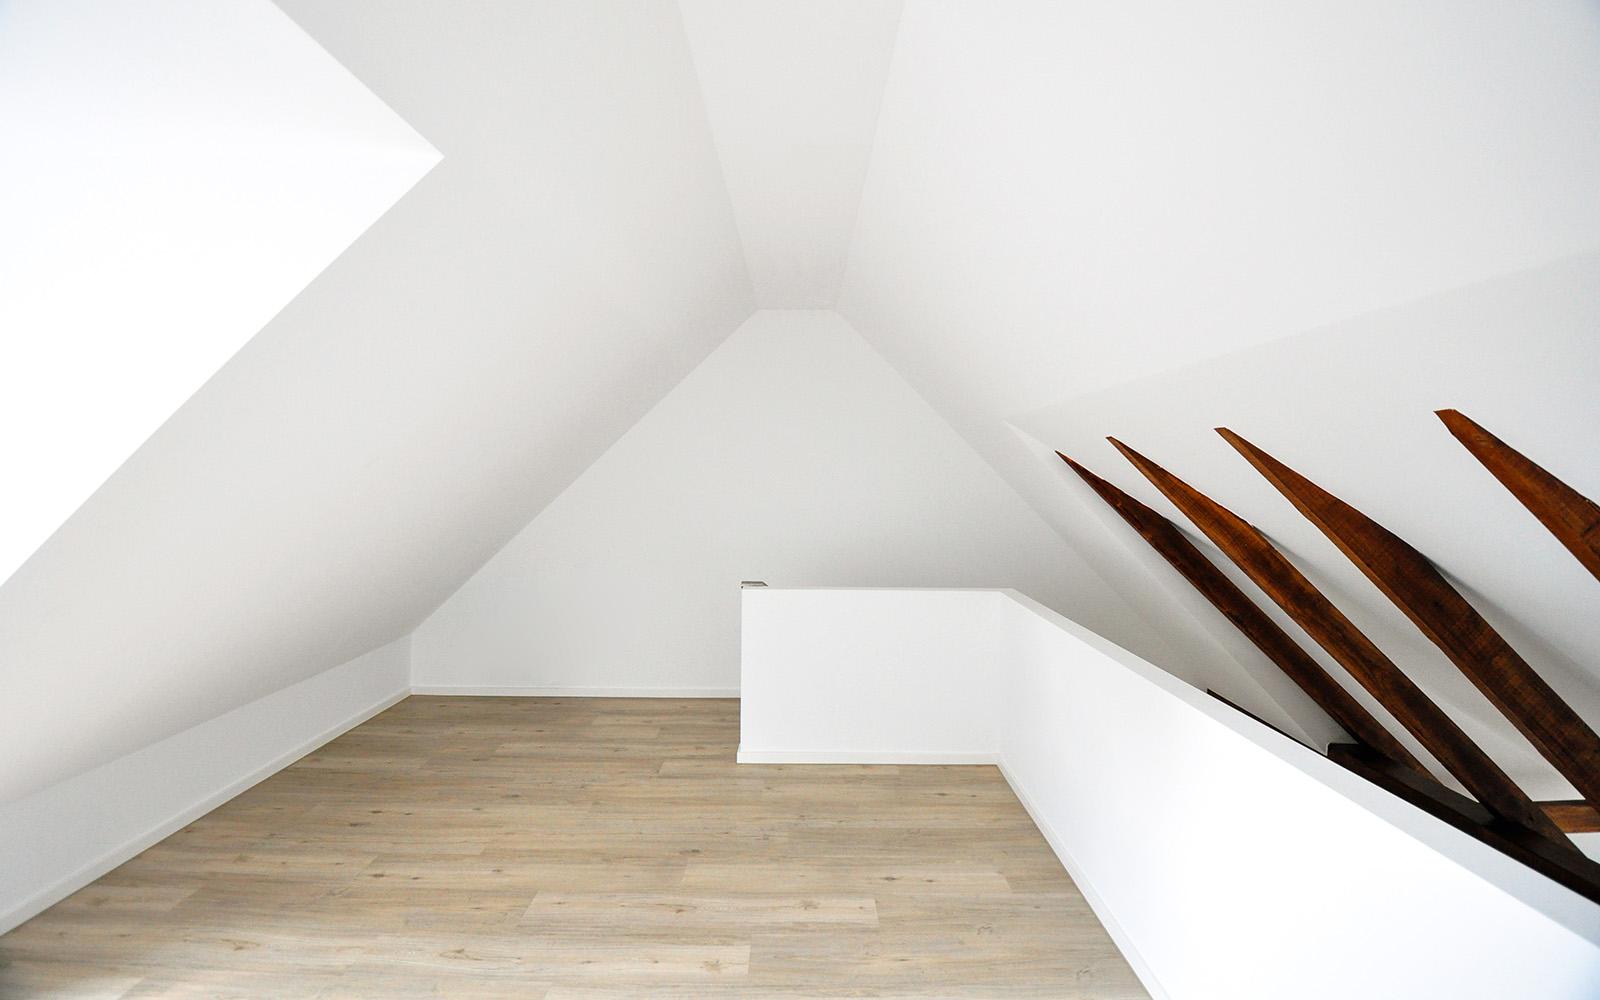 Mehrfamilienhaus_Muenster_Anbau_Umbau_Dachausbau_Galerie